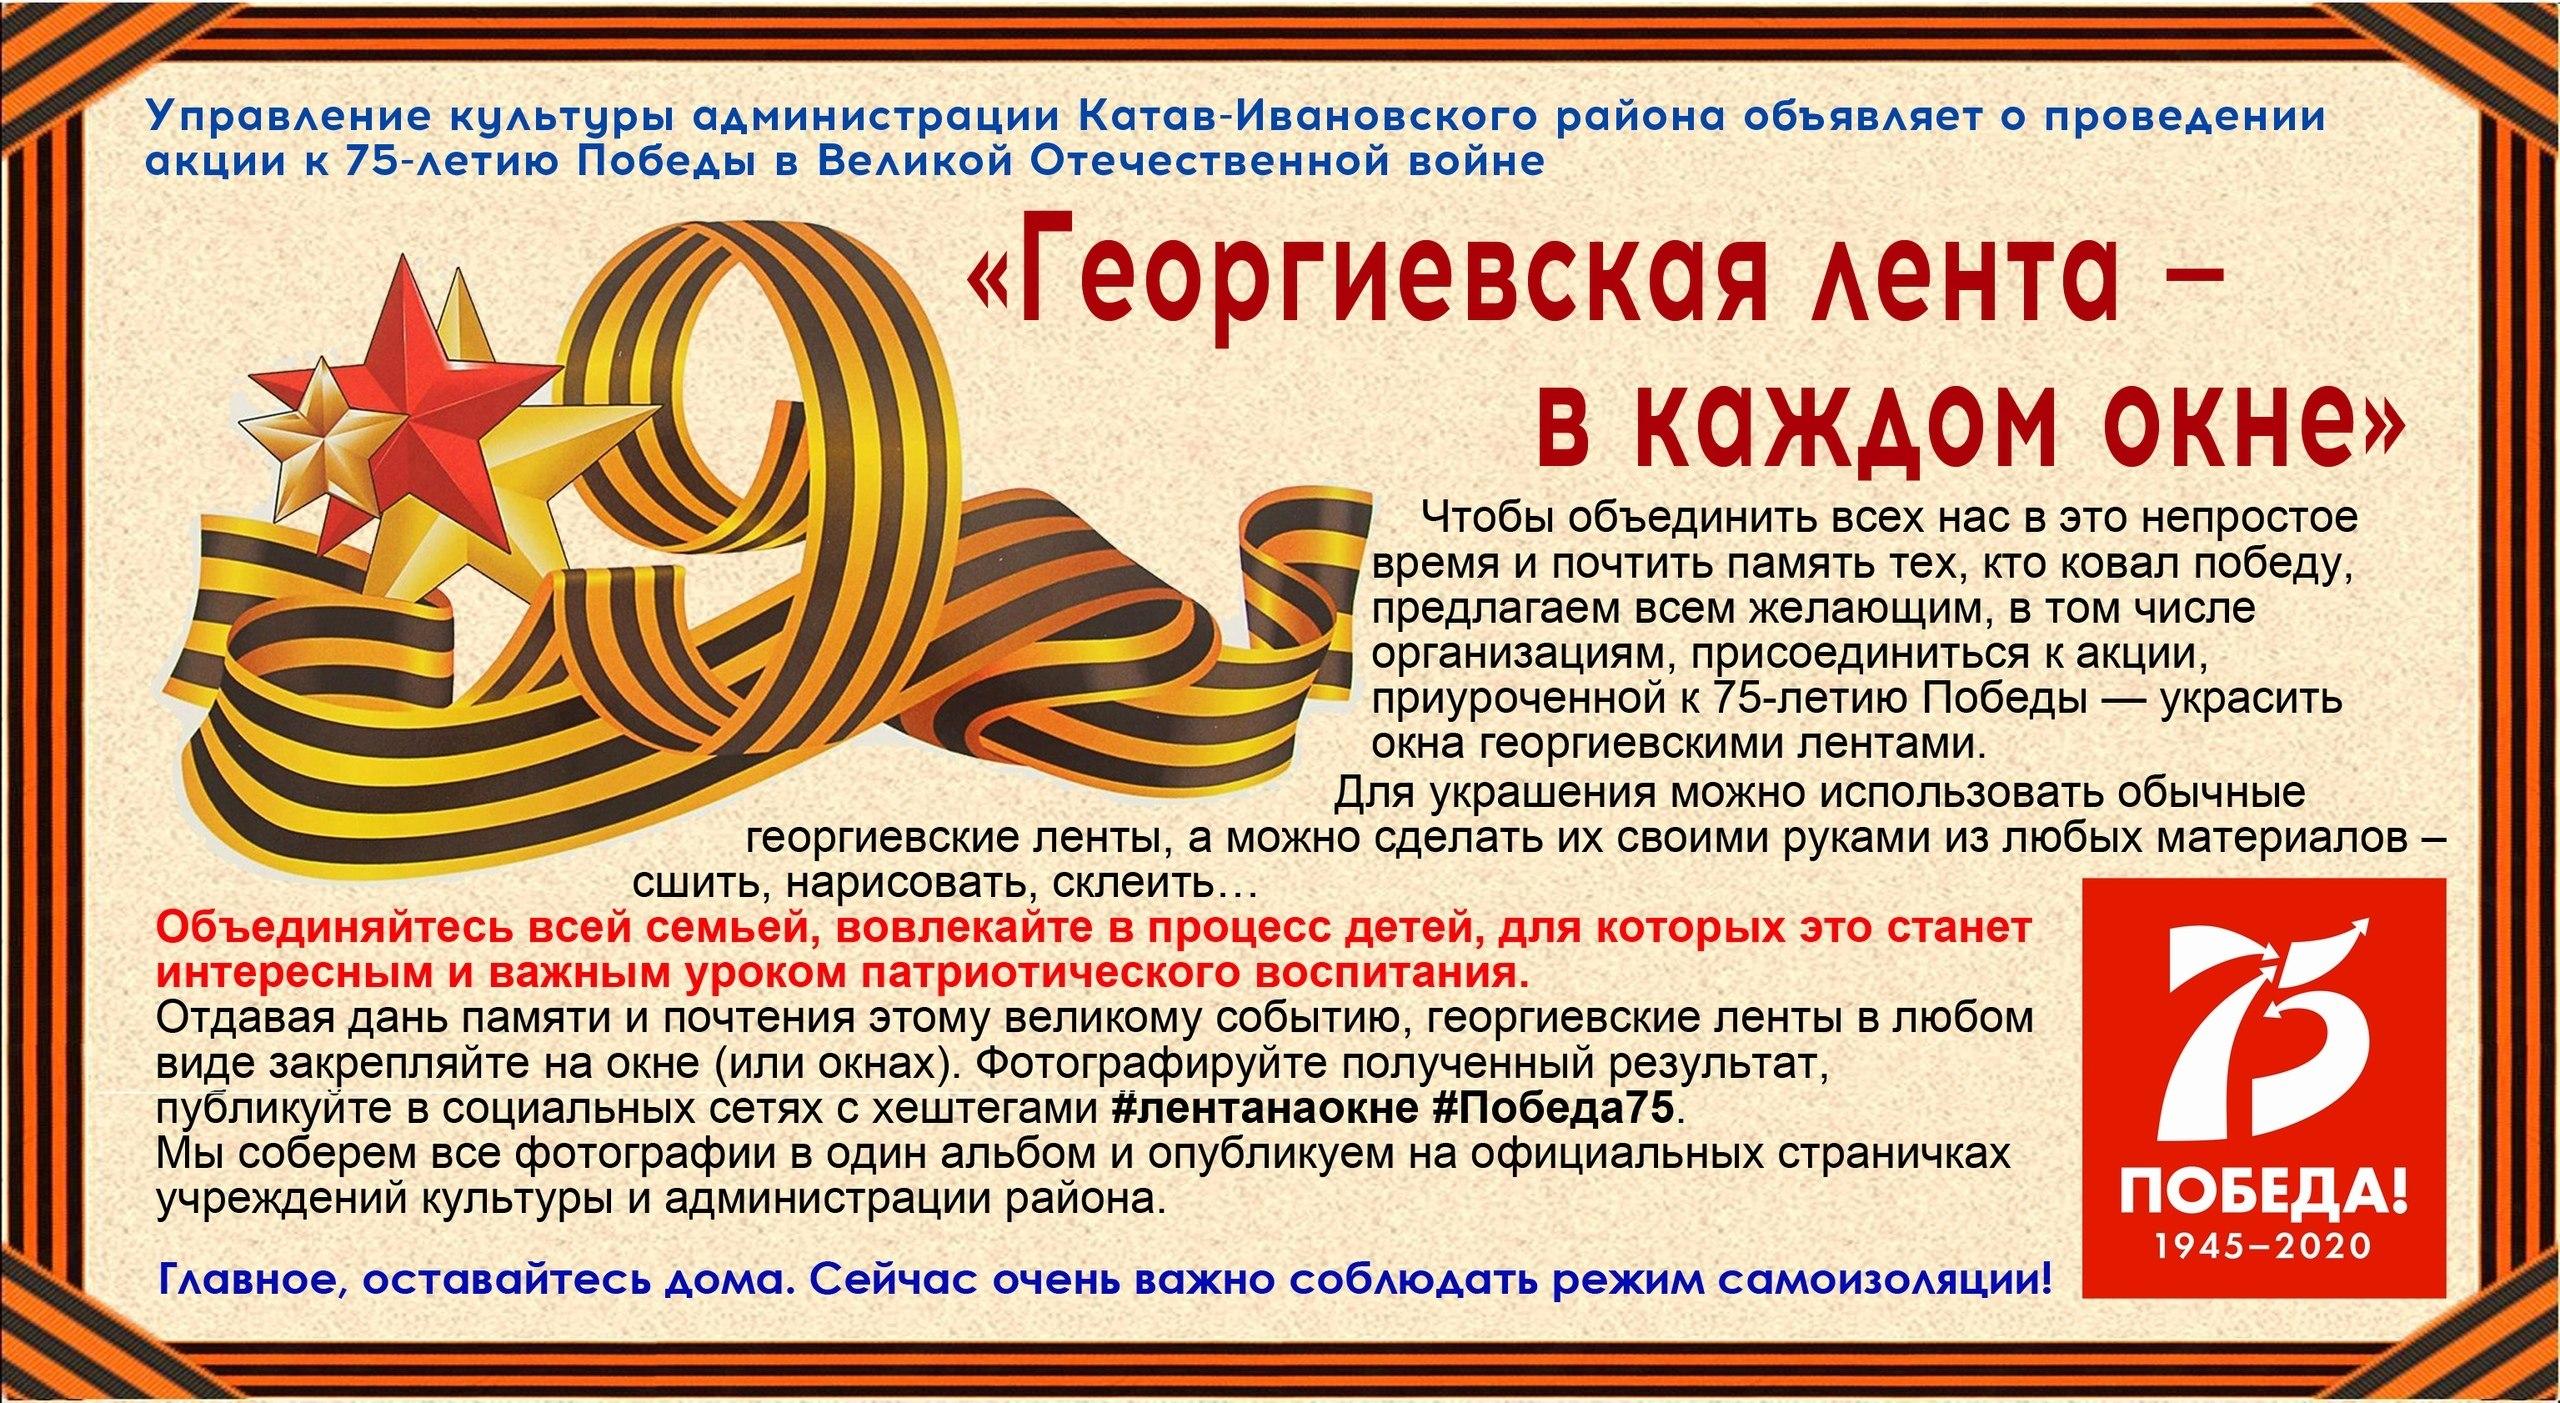 Работа онлайн юрюзань модельный бизнес курганинск